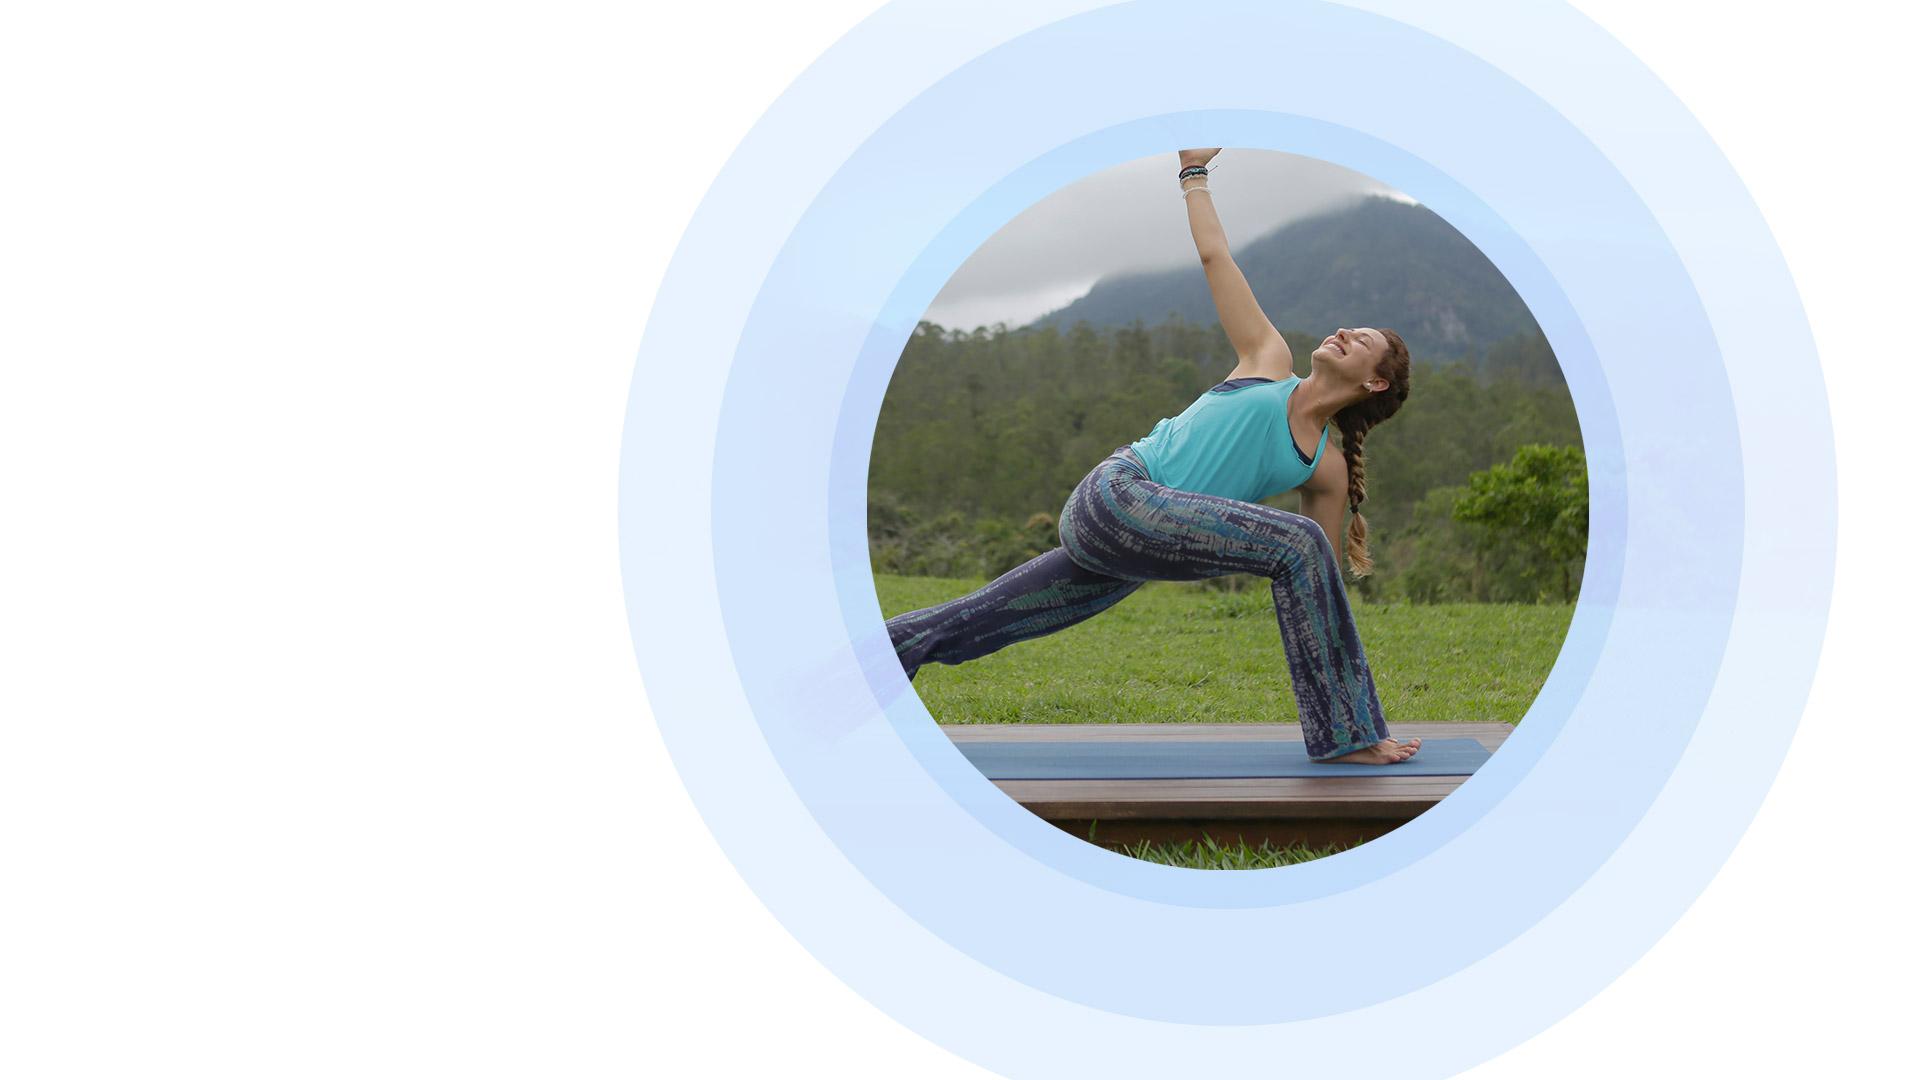 Vinyasa yoga e a evolução do corpo e da mente